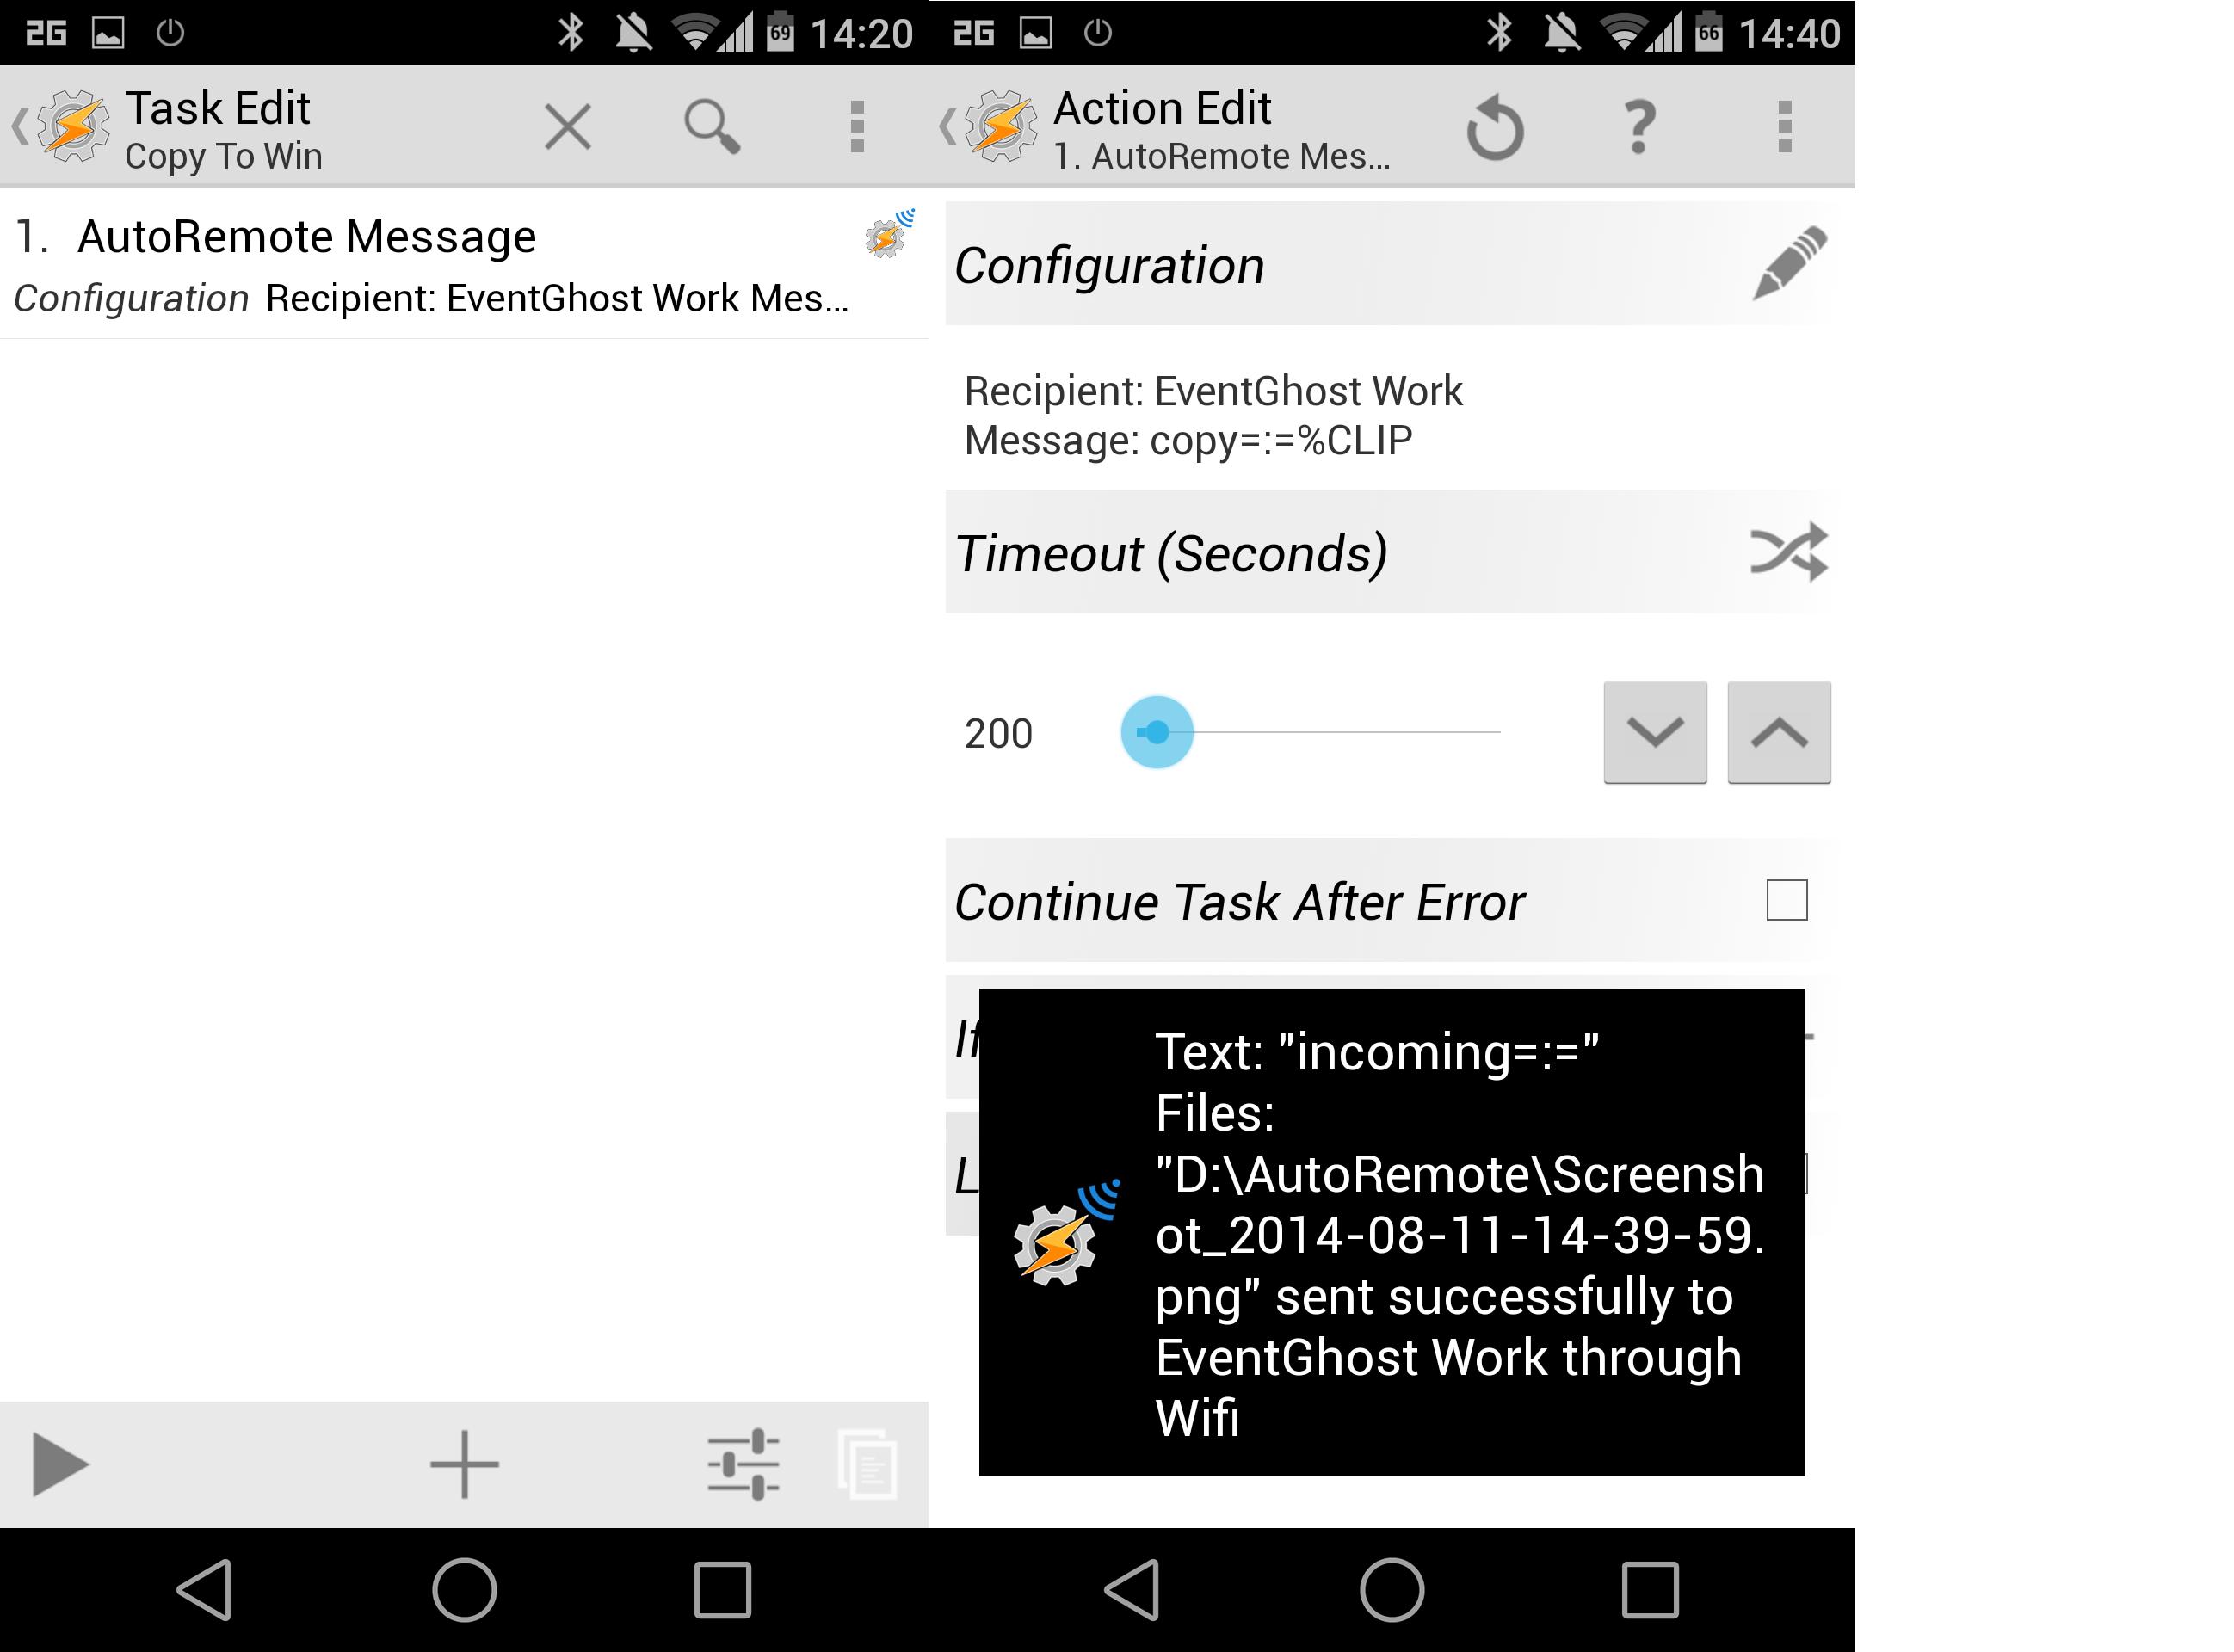 инструкция пользования таскер для андроид